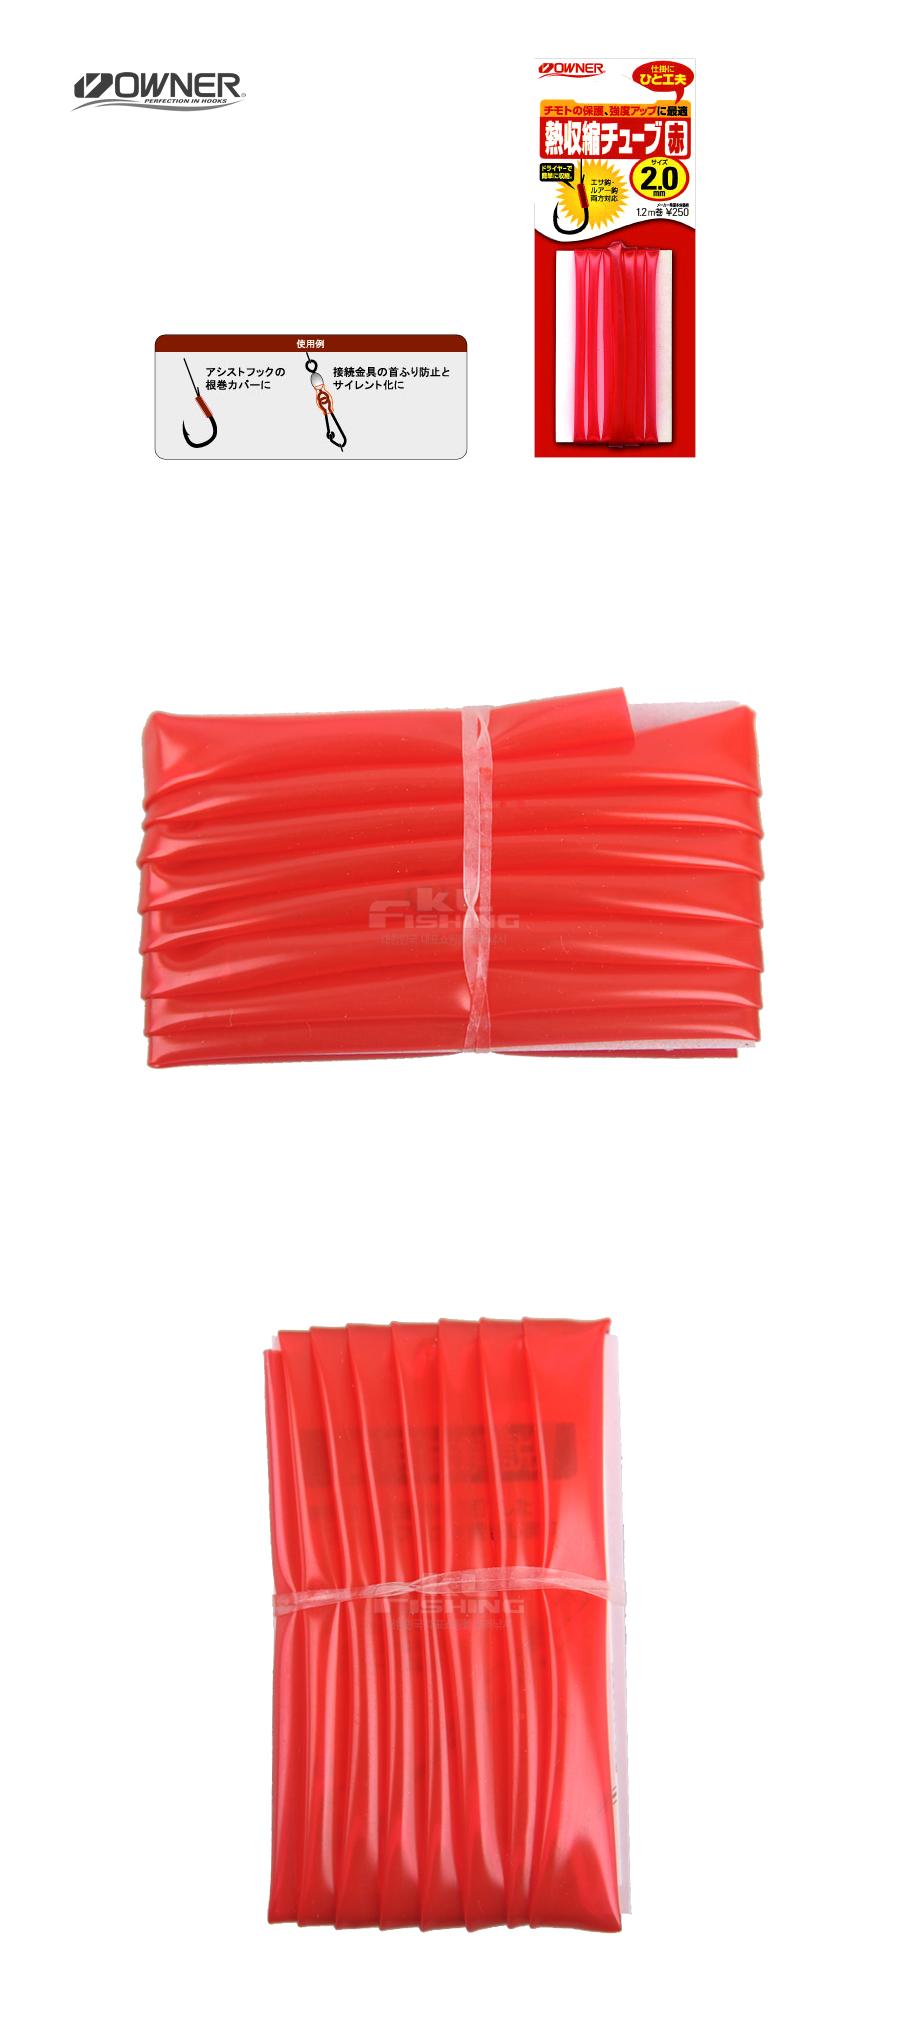 오너 지깅 수축고무 레드 훅수축고무 어시스트훅수축고무 바늘수축고무 지깅수축고무